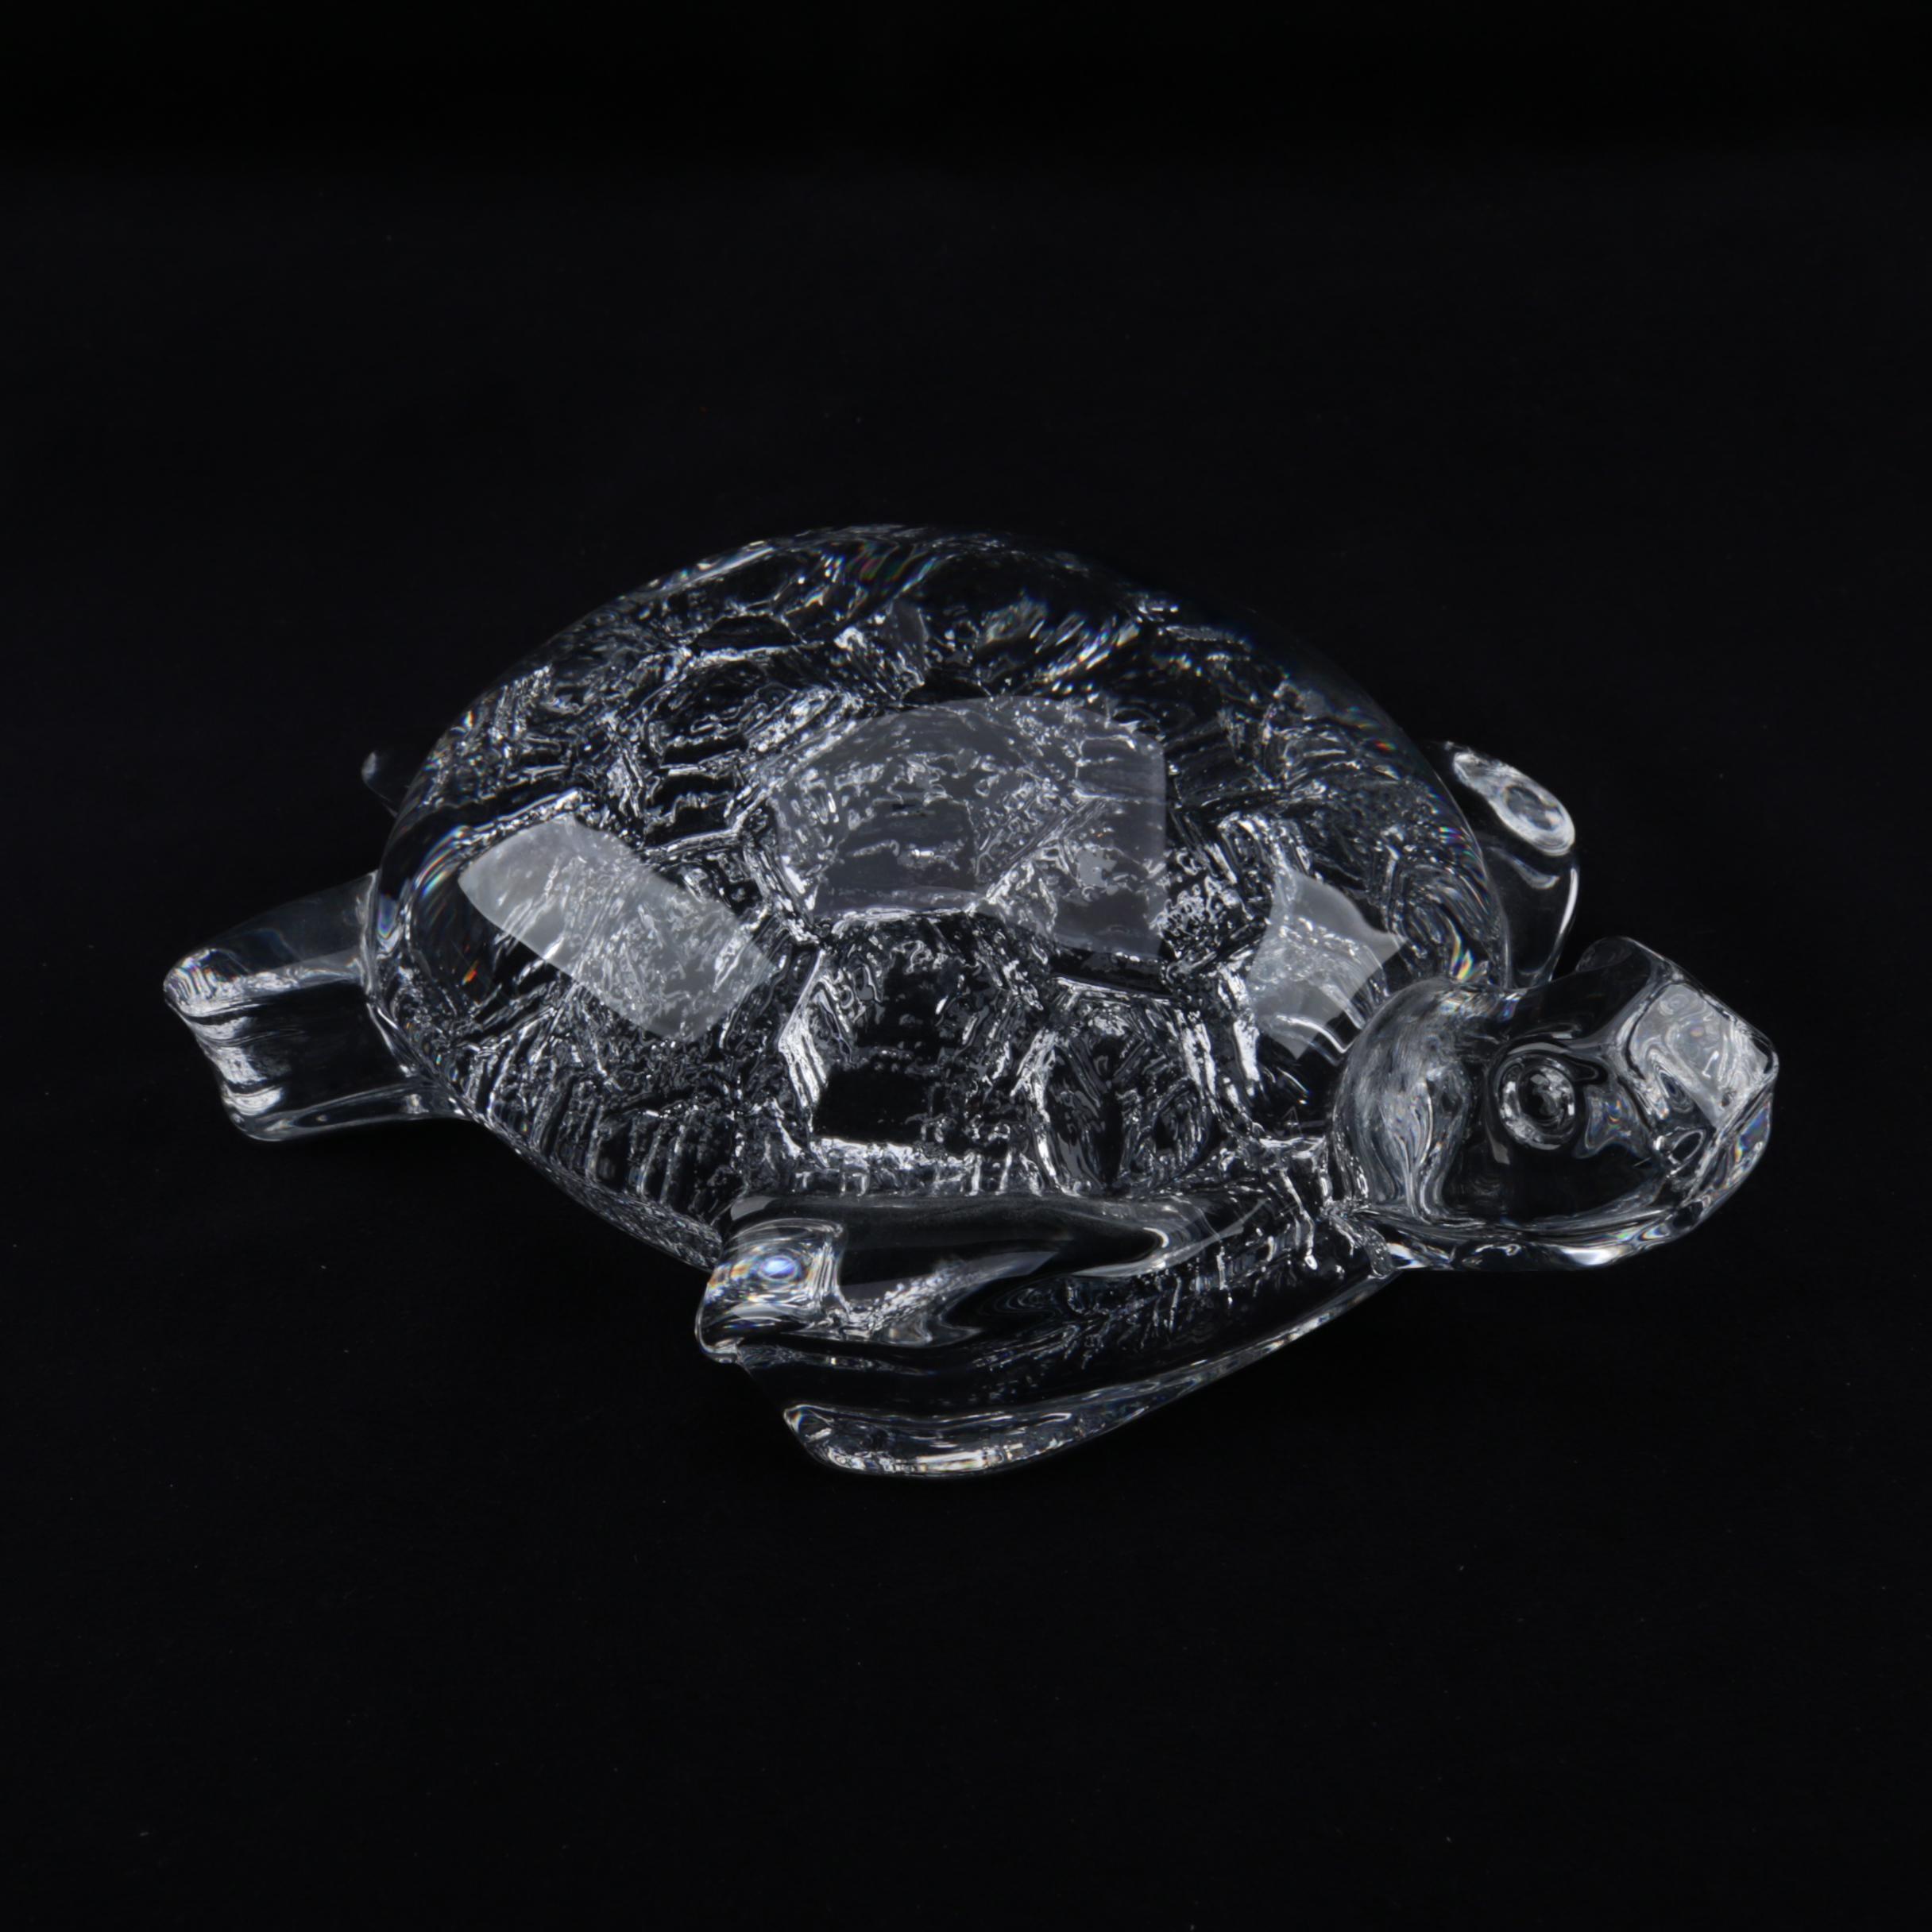 Crystal Turtle Figurine